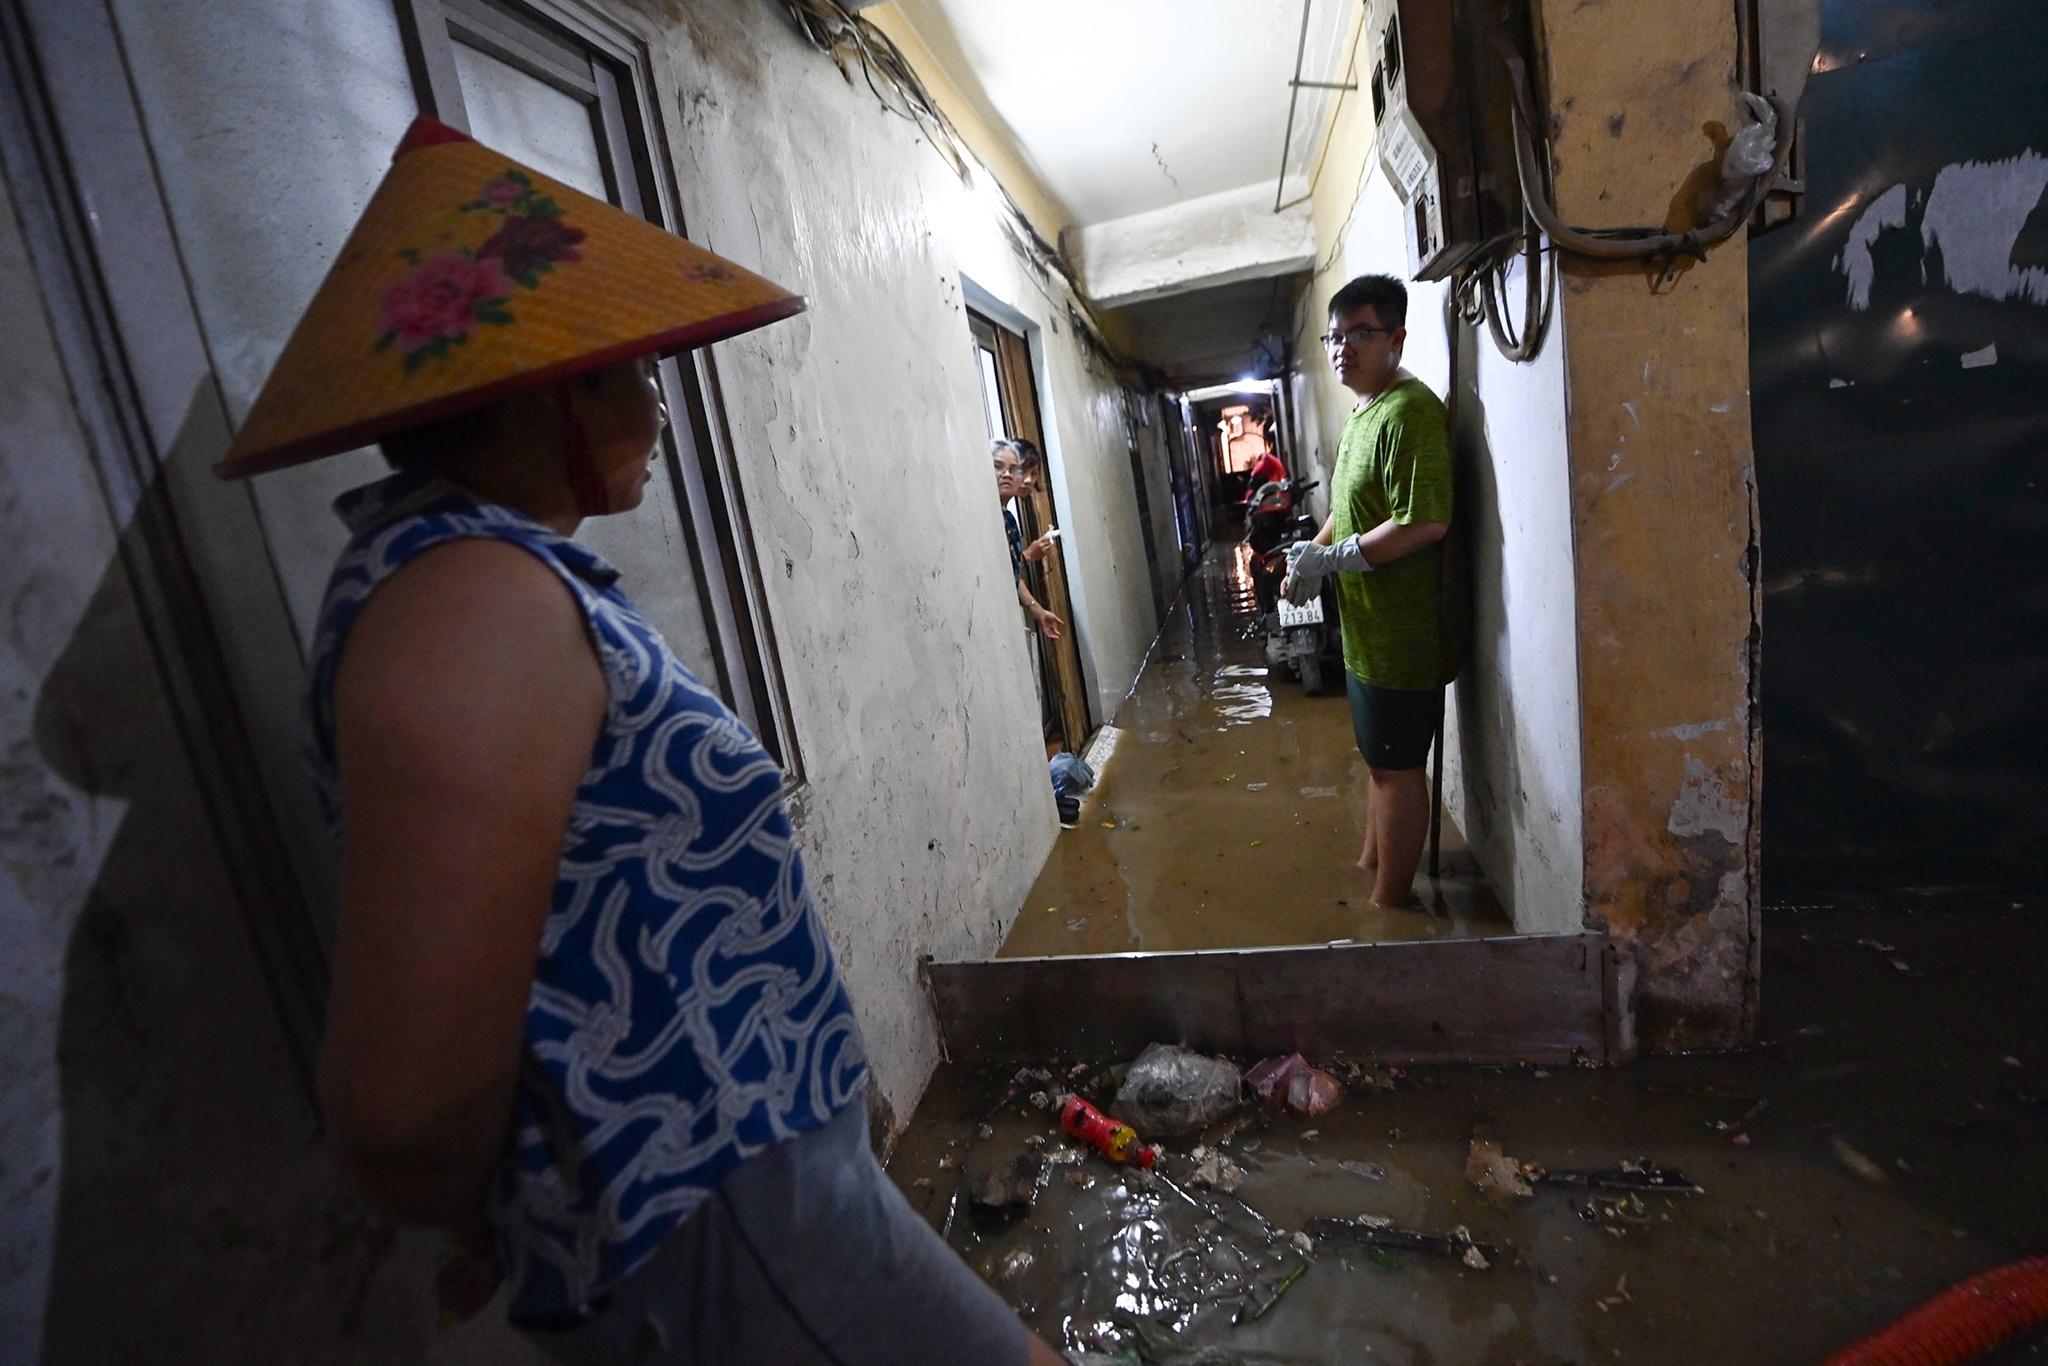 Bắt cá giữa đường sau mưa ngập ở Hà Nội - Ảnh 9.